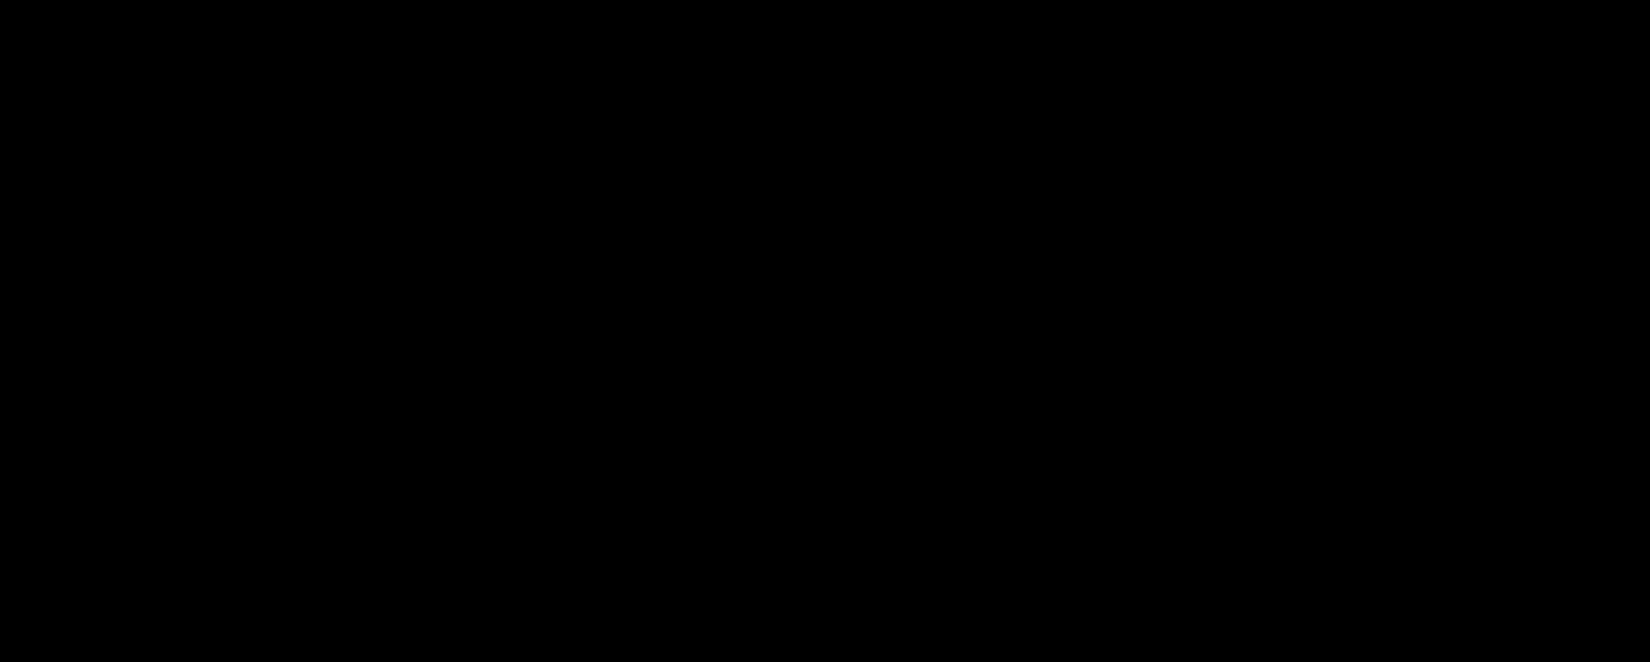 Logo Klubogaleria Bunkier